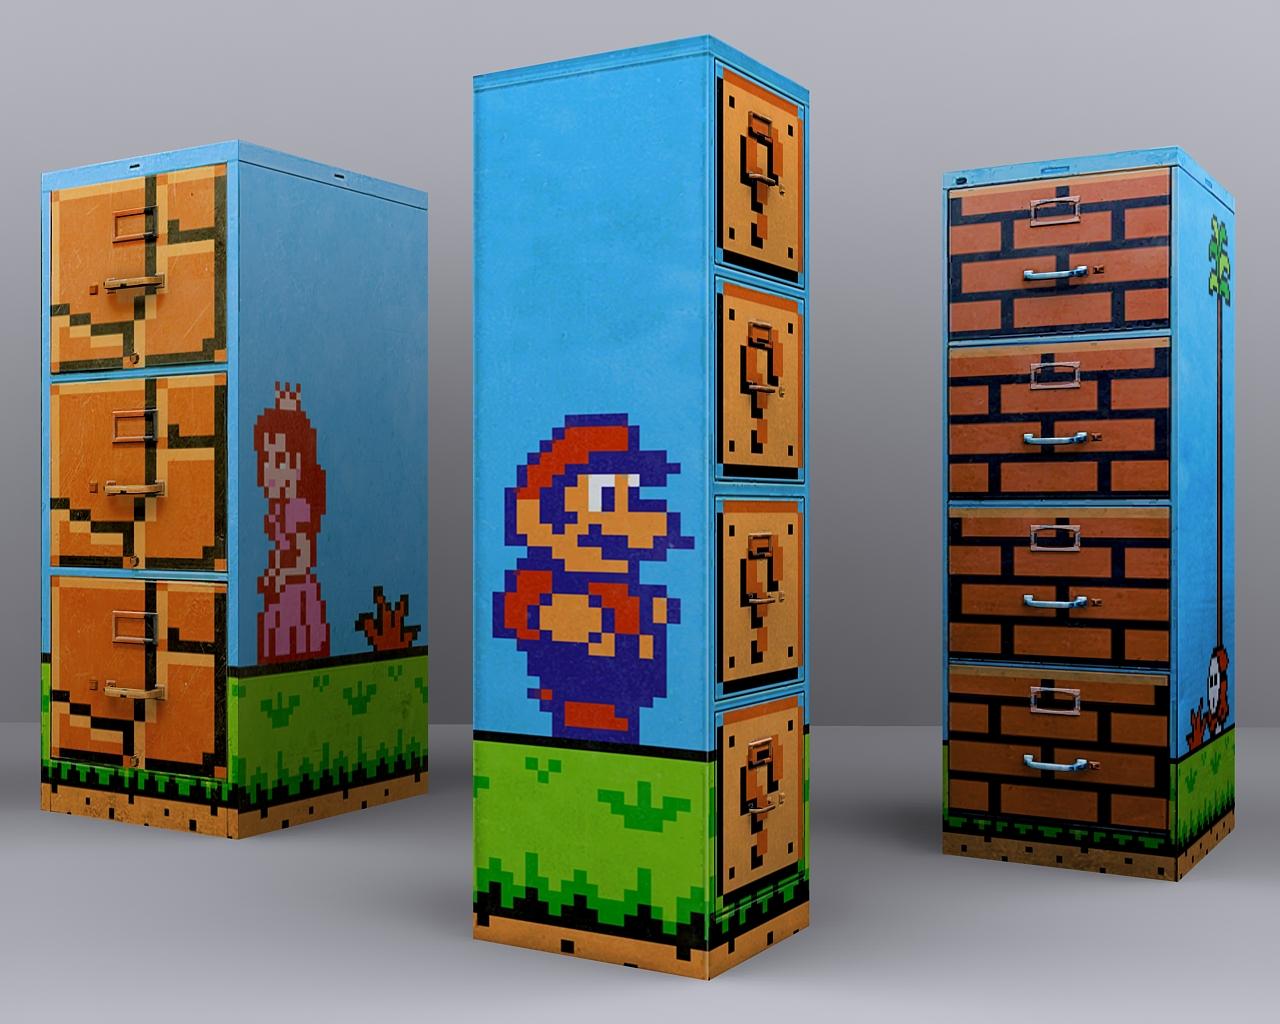 Super Mario 2 - File Cabinets